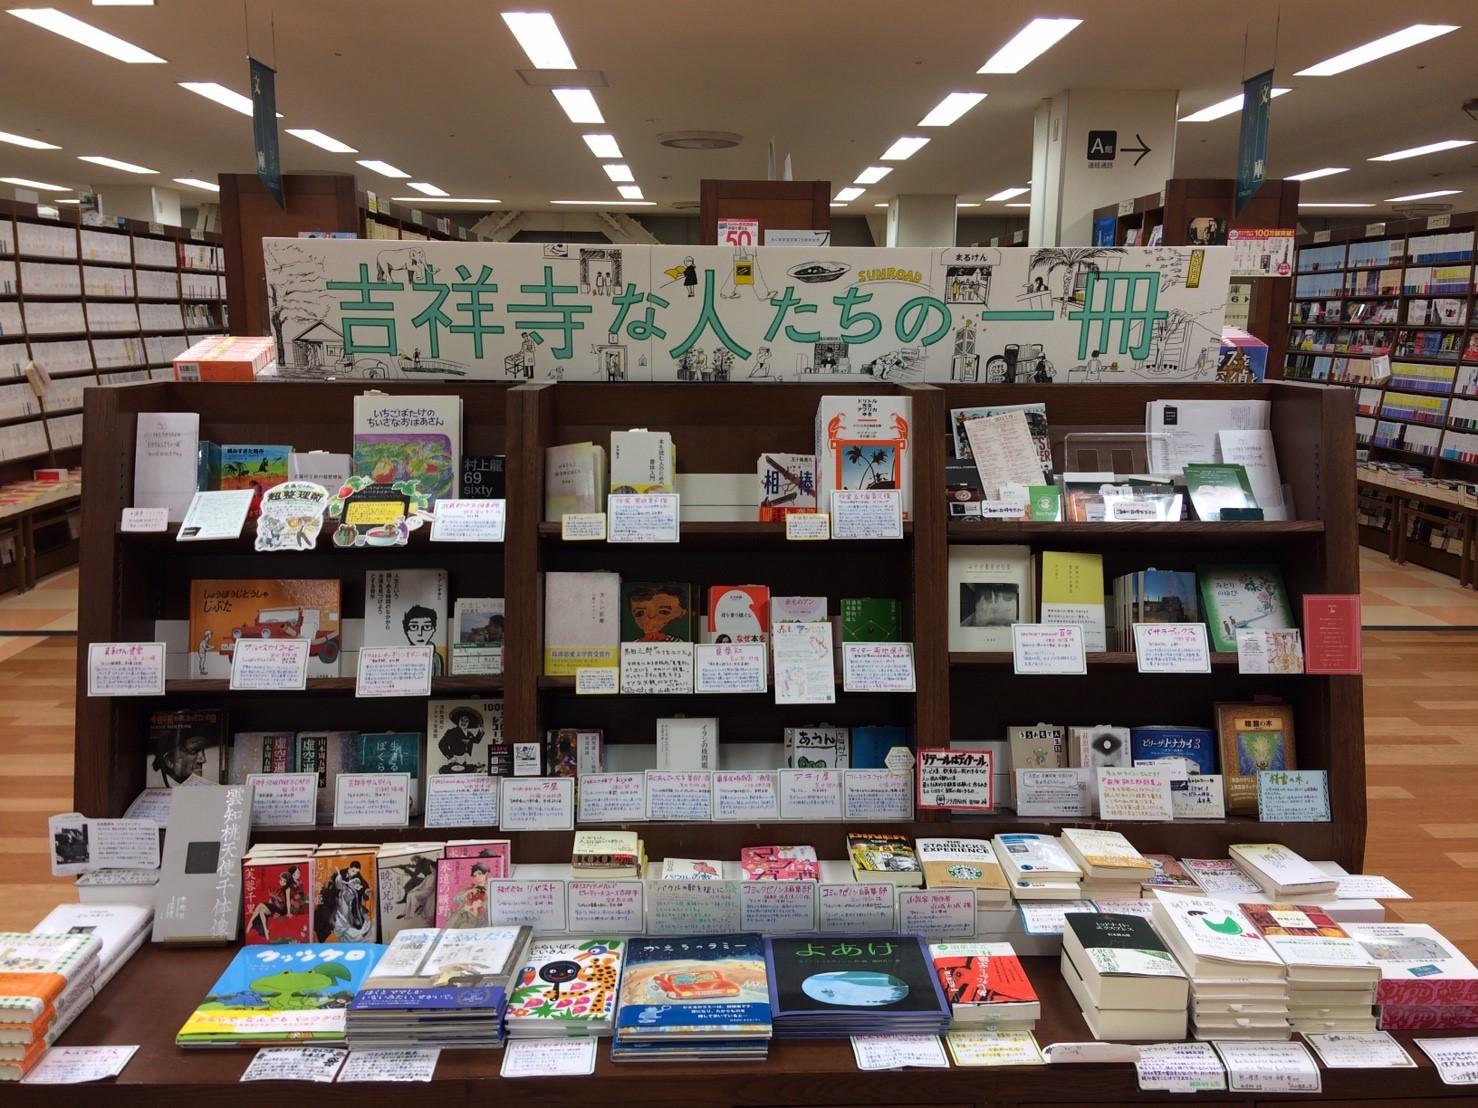 「自分の好きな本が本屋さんに並ぶ「明石な人たちの一冊フェア」、参加者を募っています」記事アイキャッチ画像